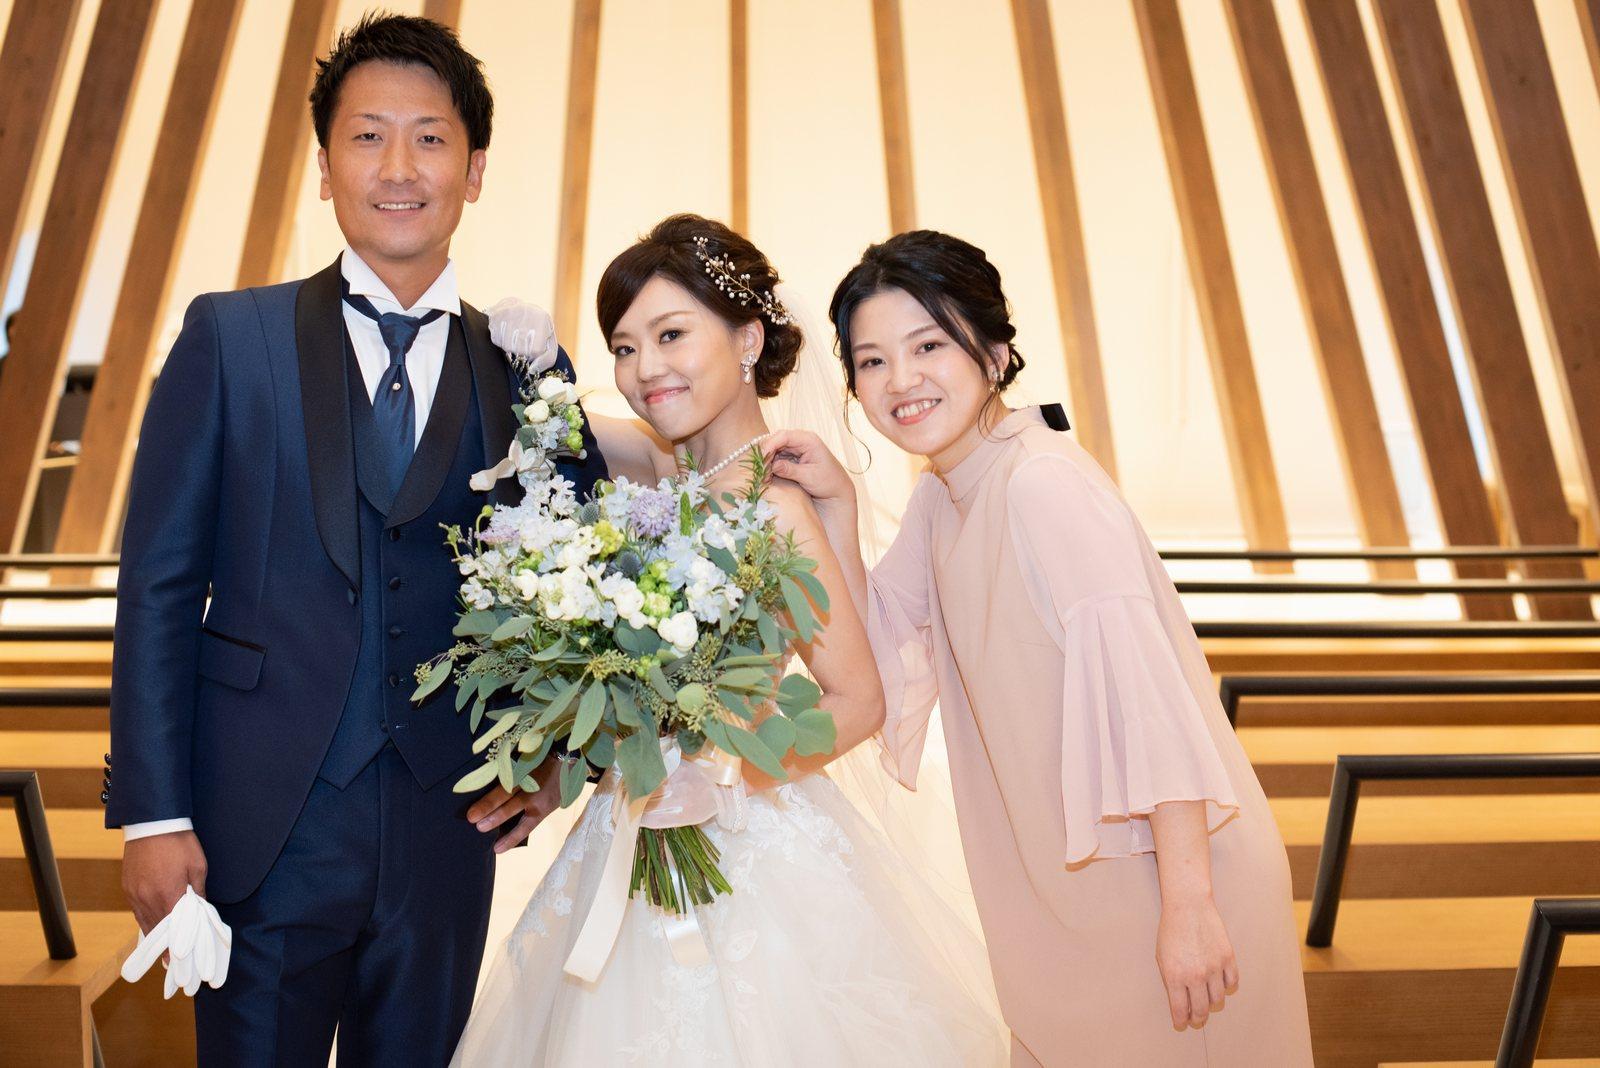 香川県高松市の結婚式場アナザースタイルのチャペルでのショット